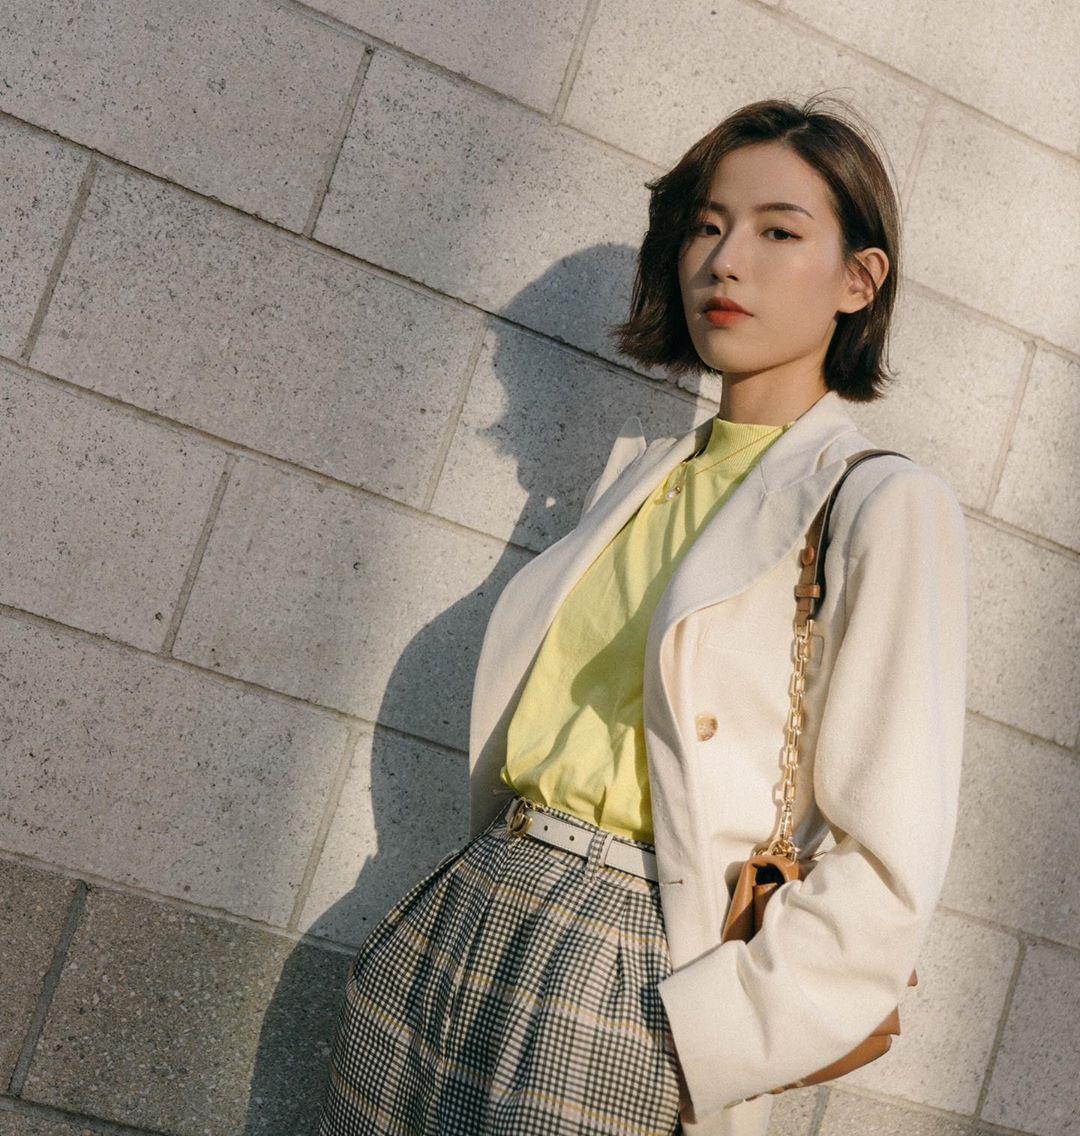 Dress code semi formal - áo thun vàng, blazer trắng, quần kẻ ô